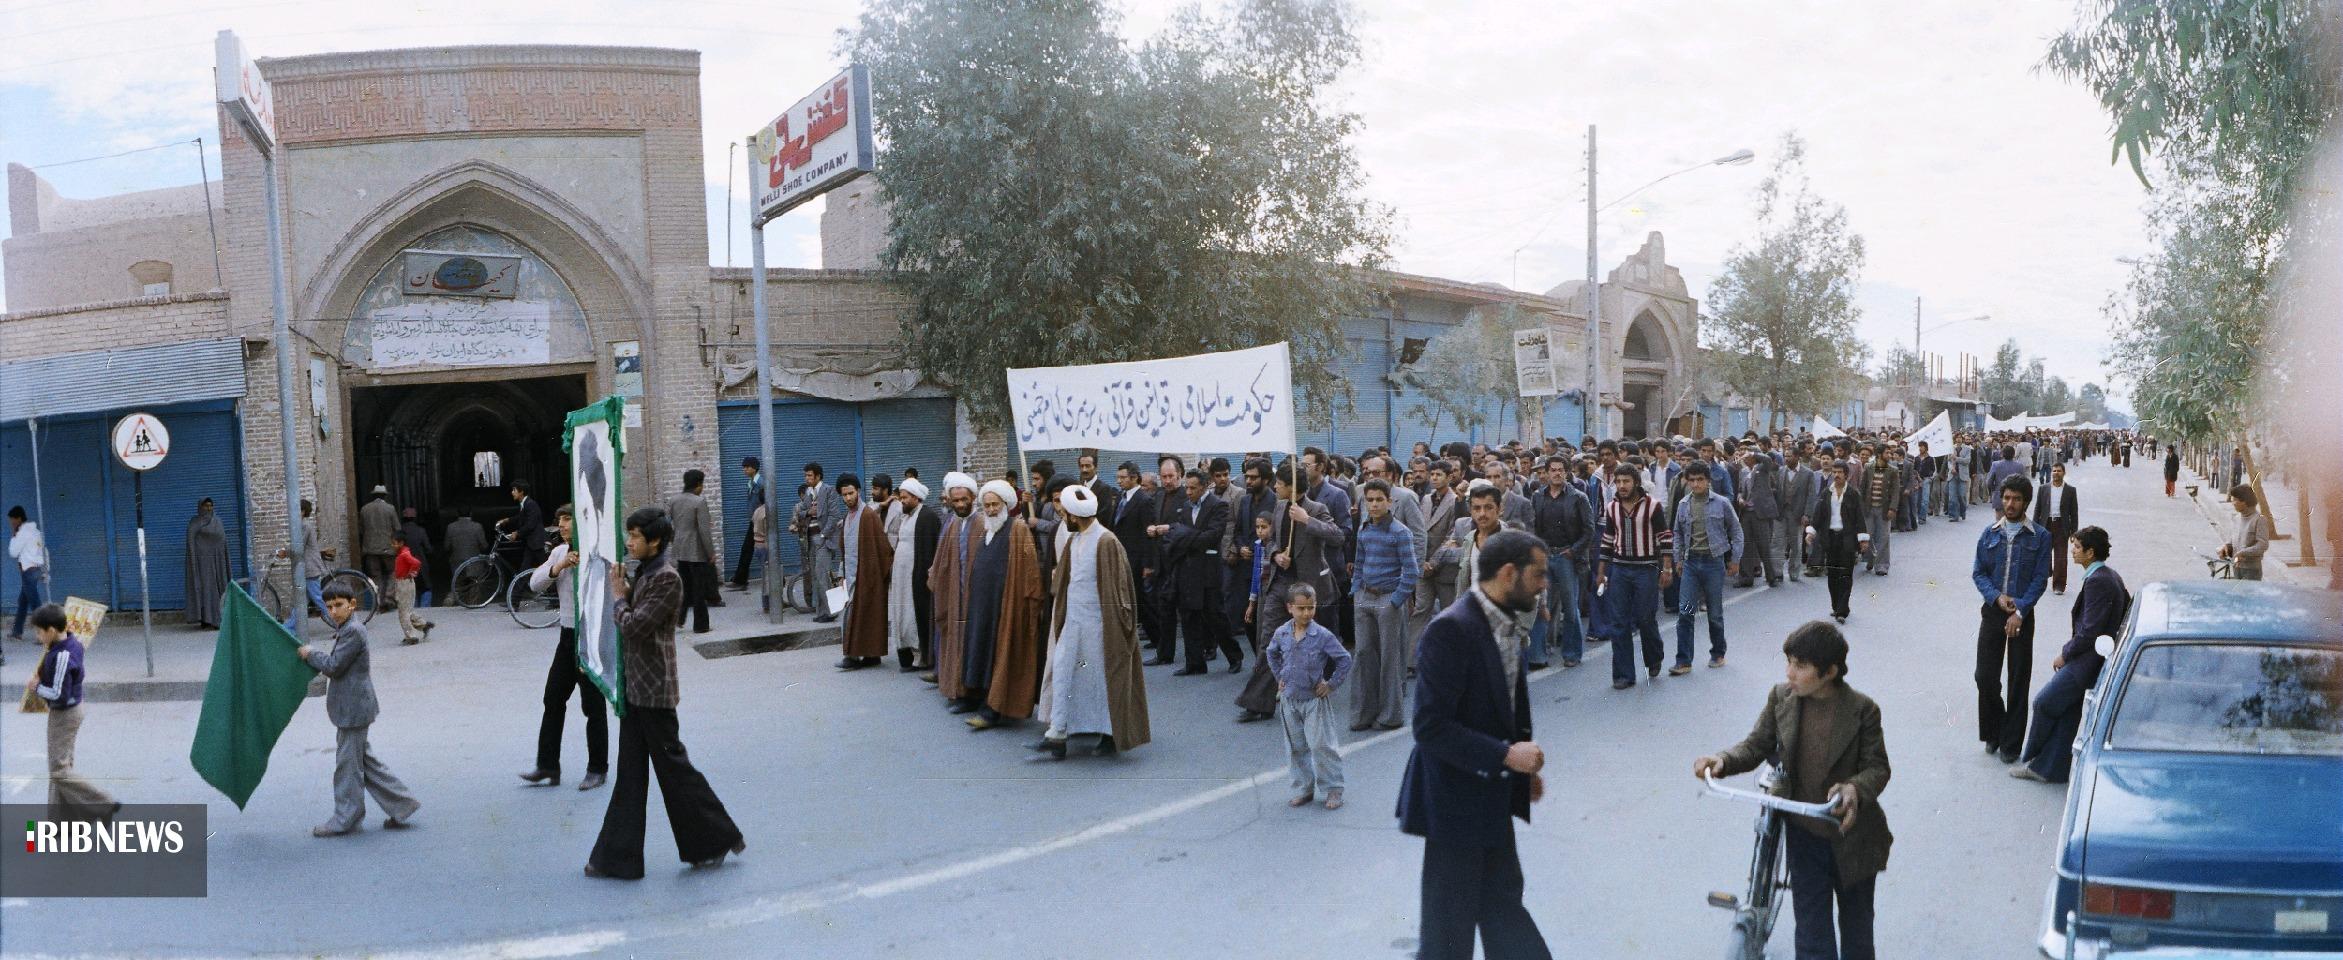 تظاهرات مردم بم علیه رژیم ستمشاهی _بهمن ۵۷